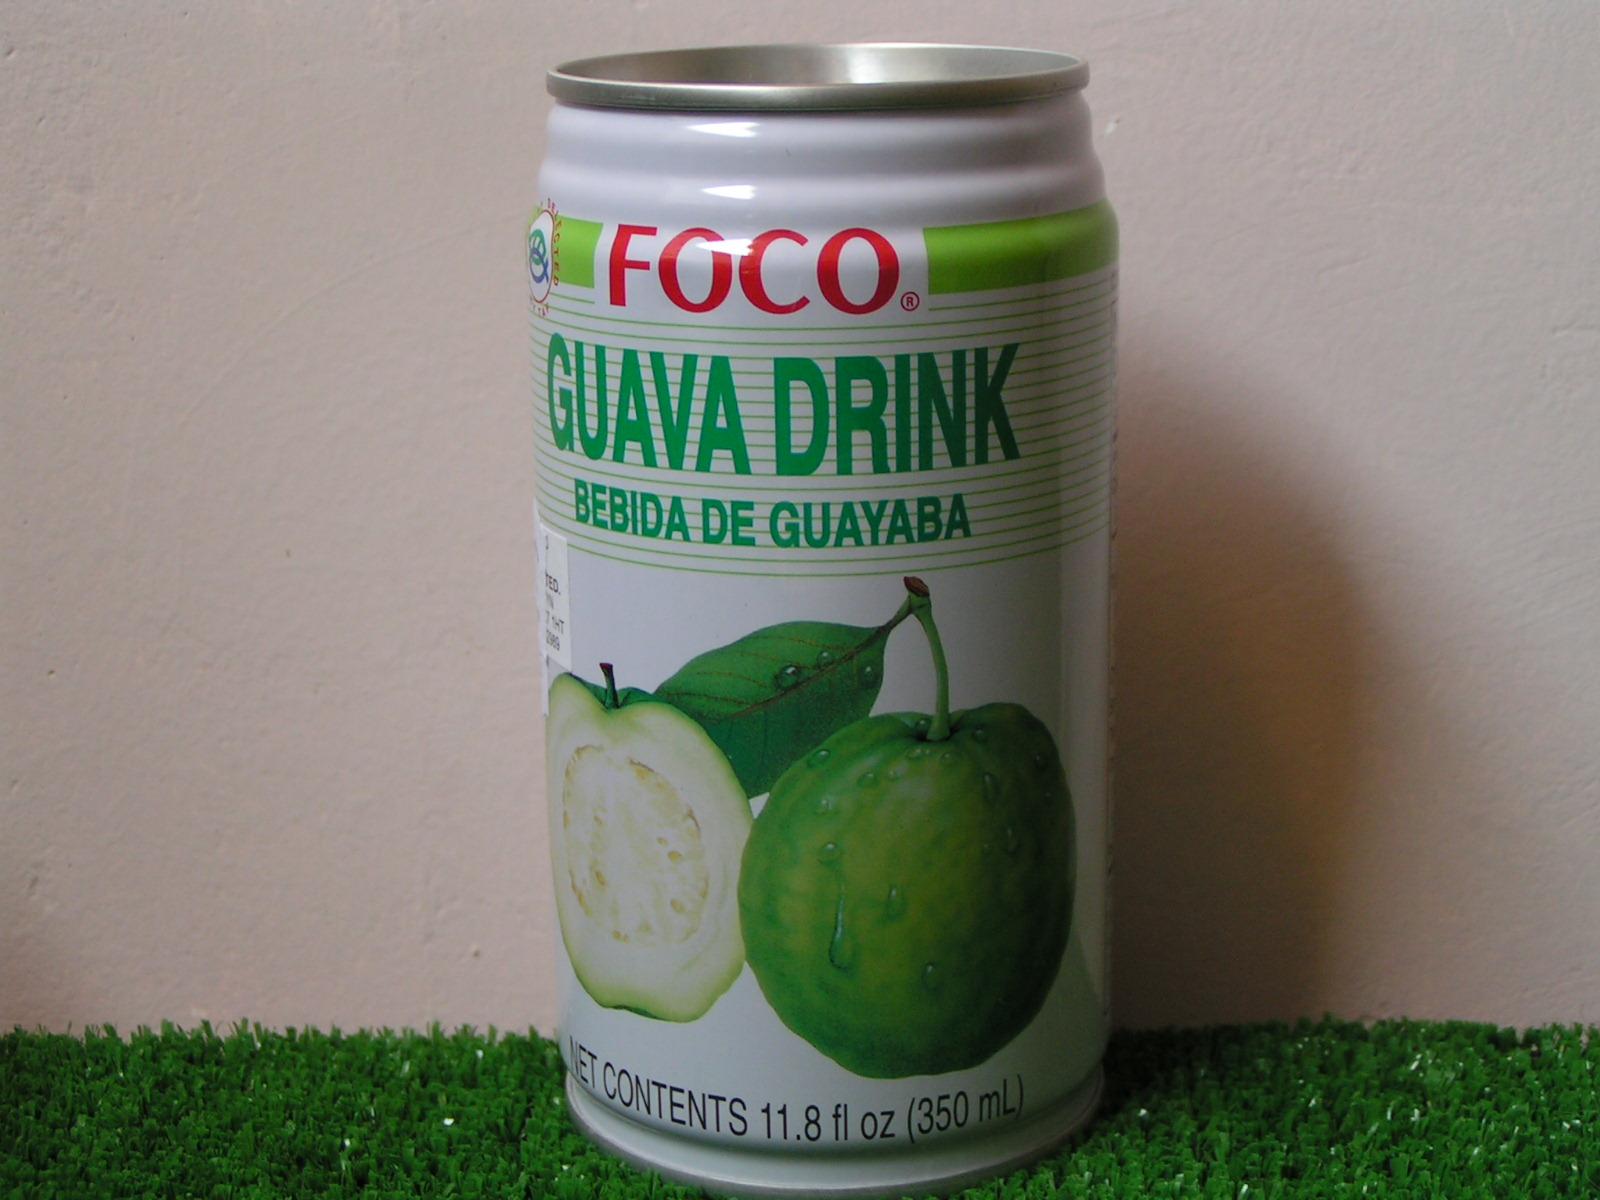 Guava Drink Foco Foco Guava Drink